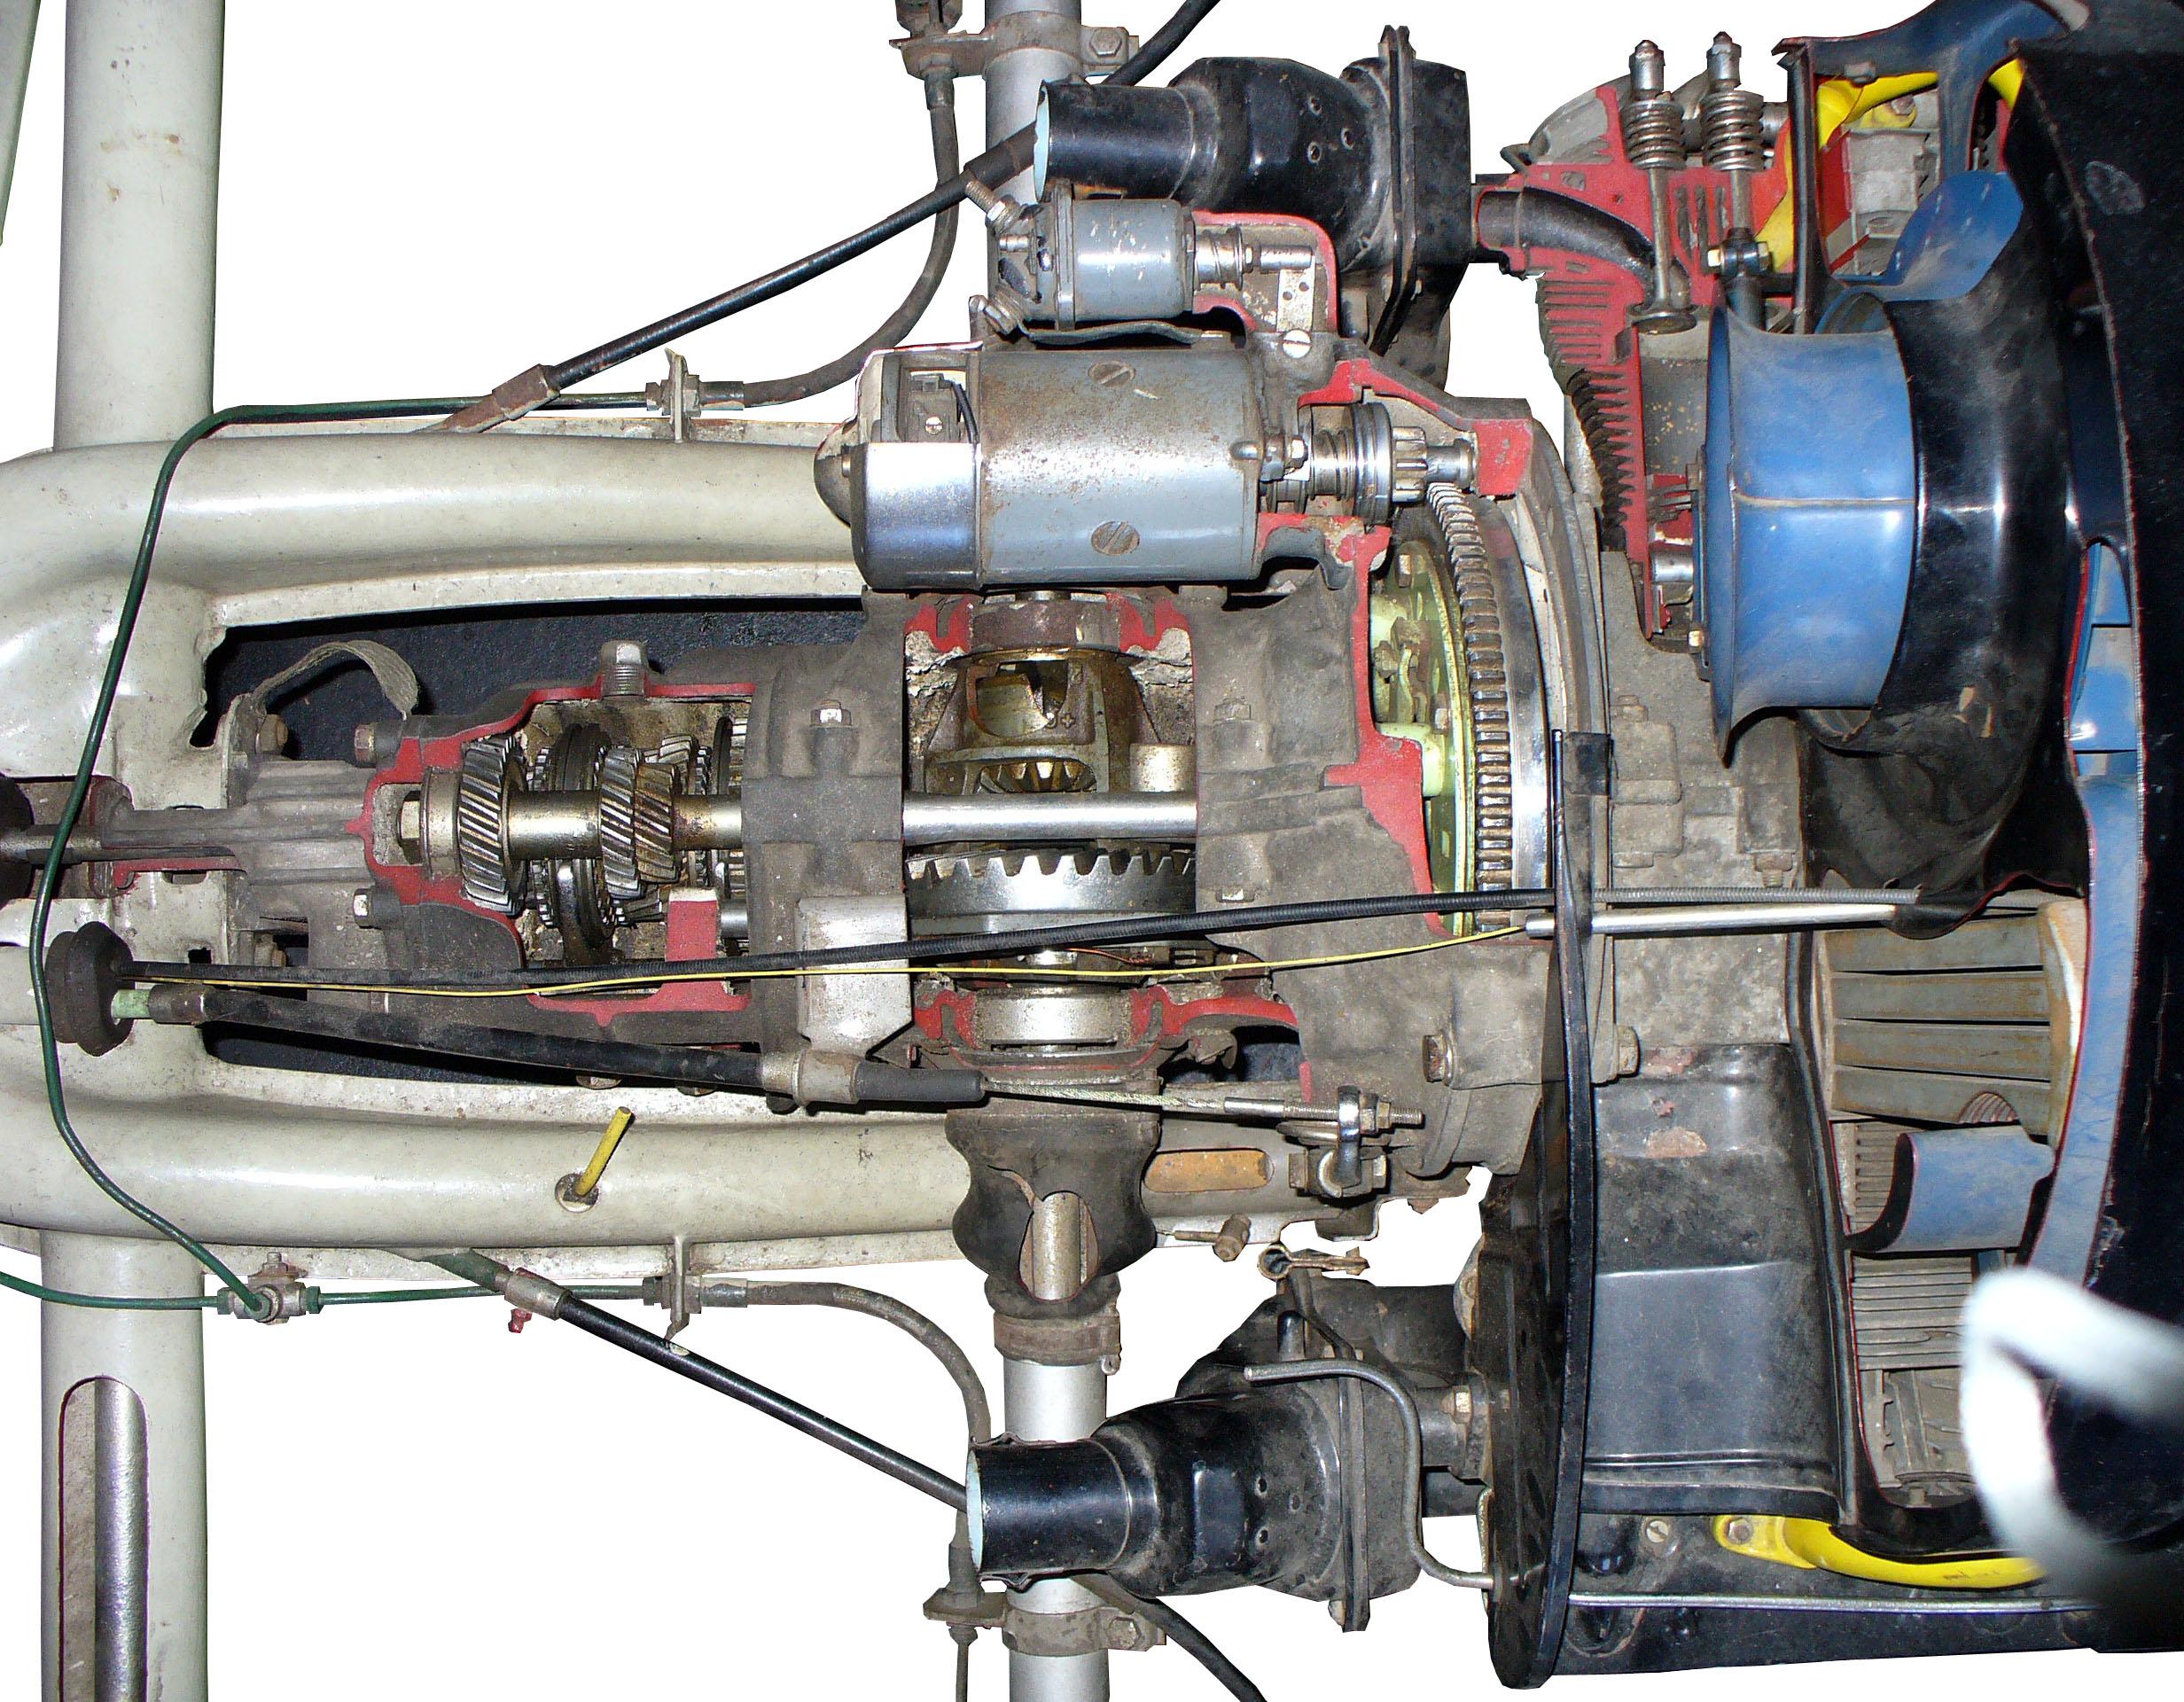 Blick in das aufgeschnittene Getriebe eines VW Käfers aus em Jahr 1956